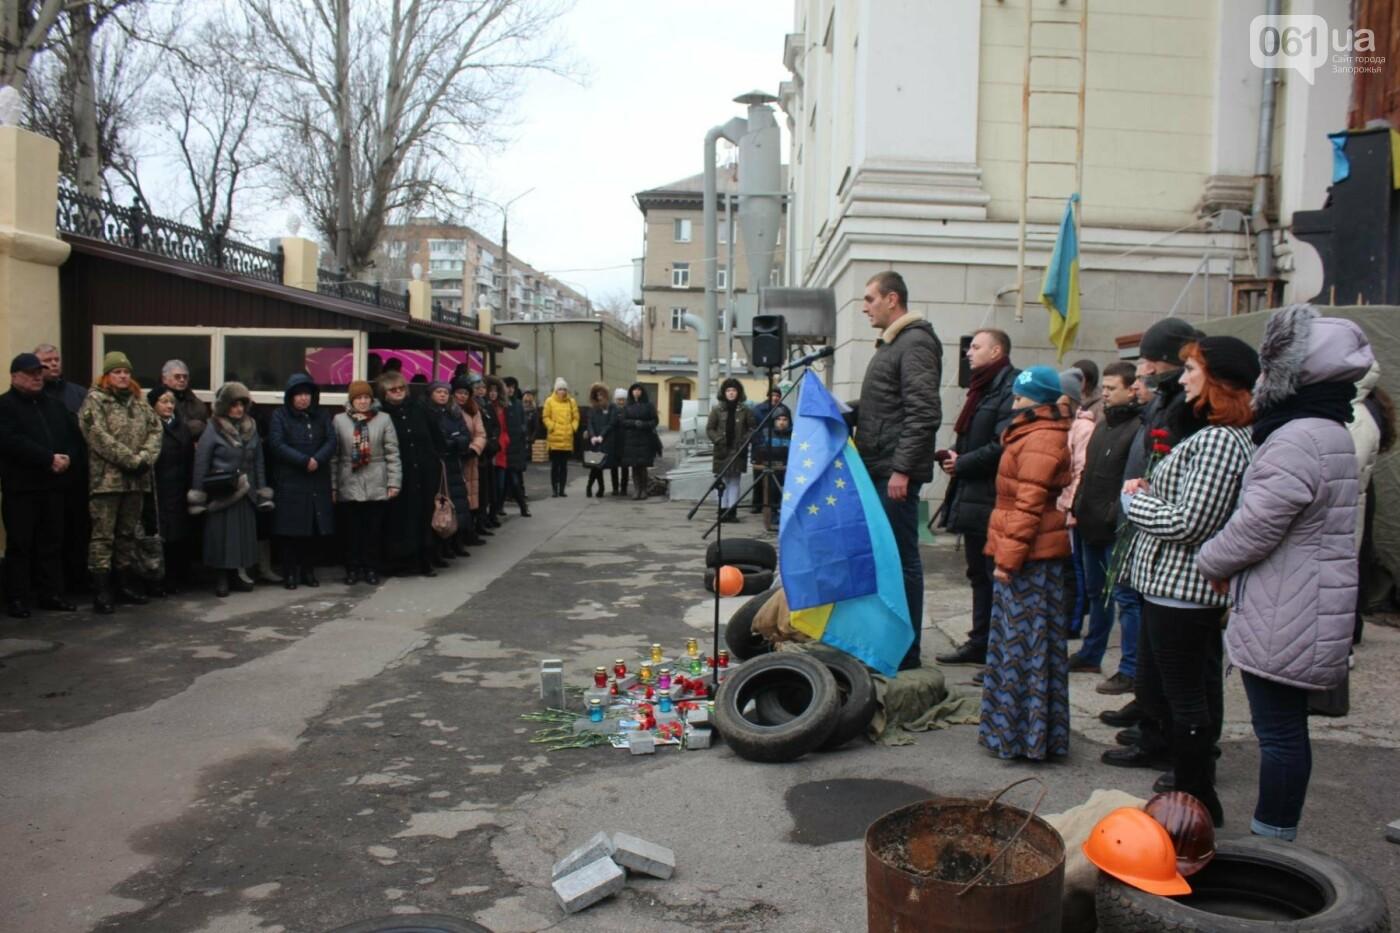 В Запорожье актеры на улице читали стихи о Майдане, - ФОТОРЕПОРТАЖ, фото-13